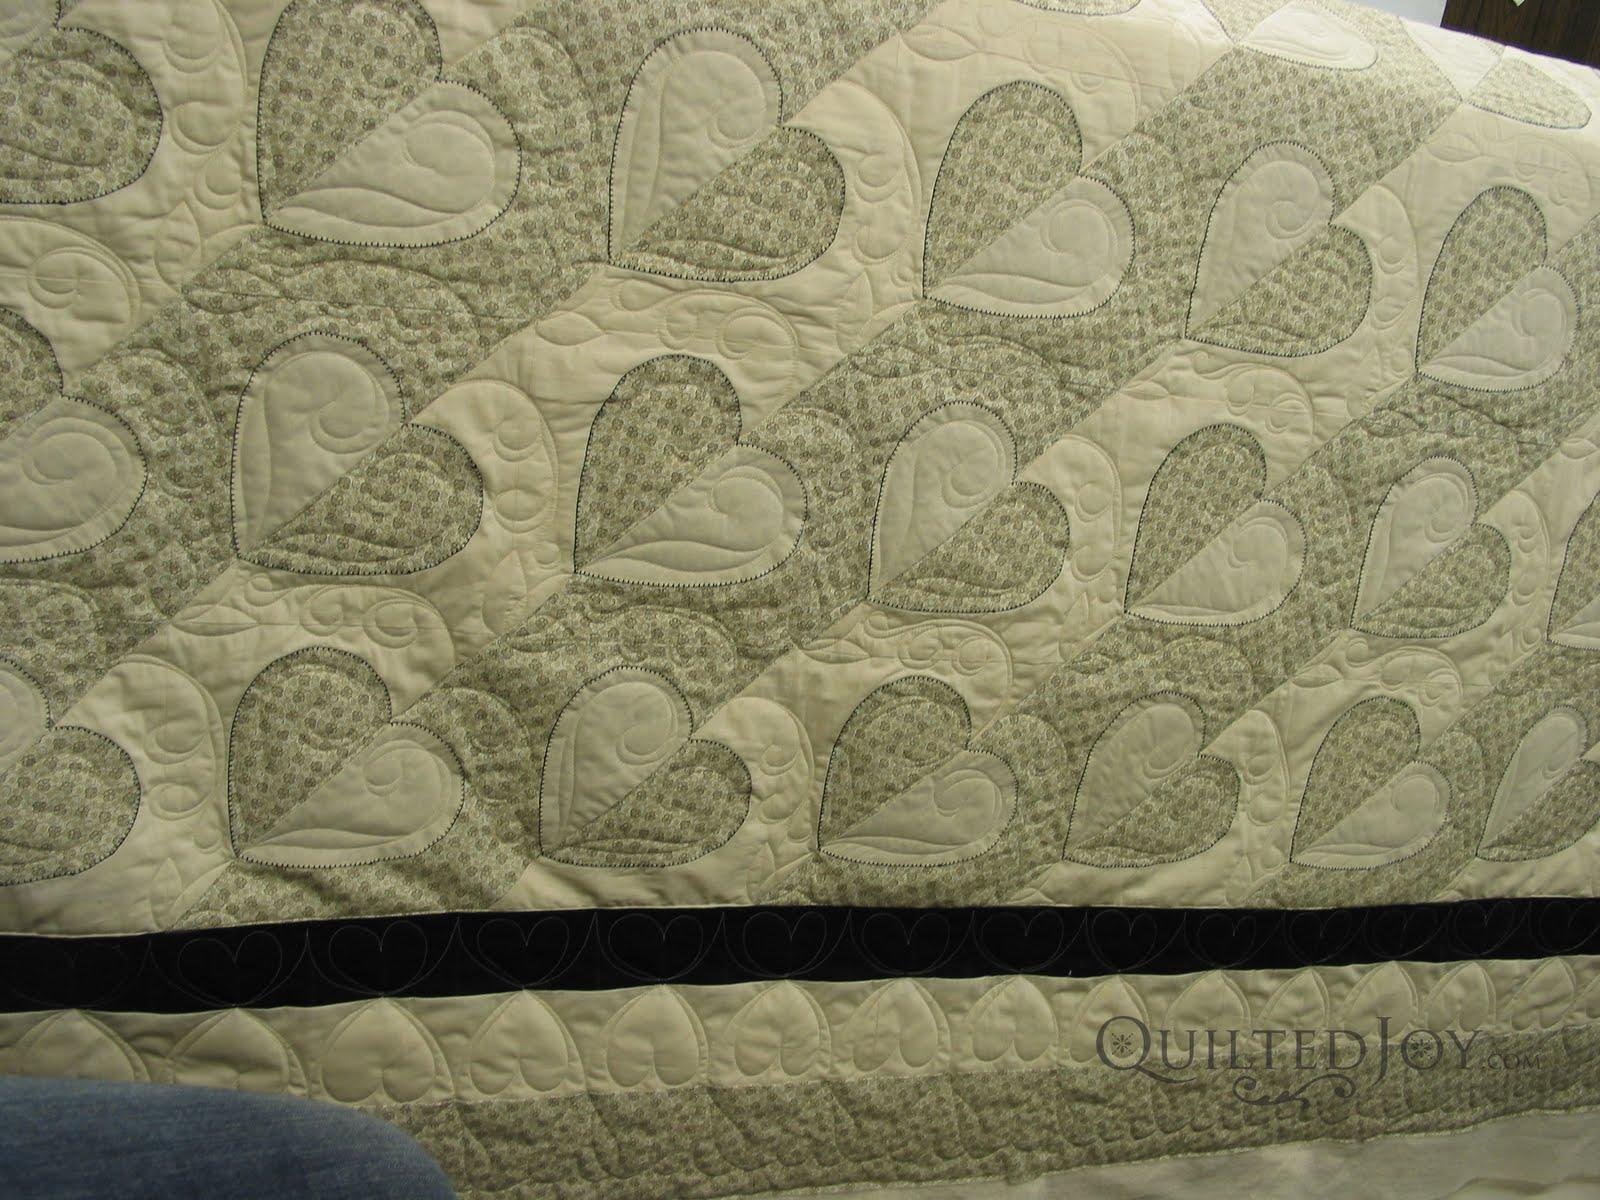 Sandy's Maderia Heart Wedding Quilt - : madeira quilt - Adamdwight.com